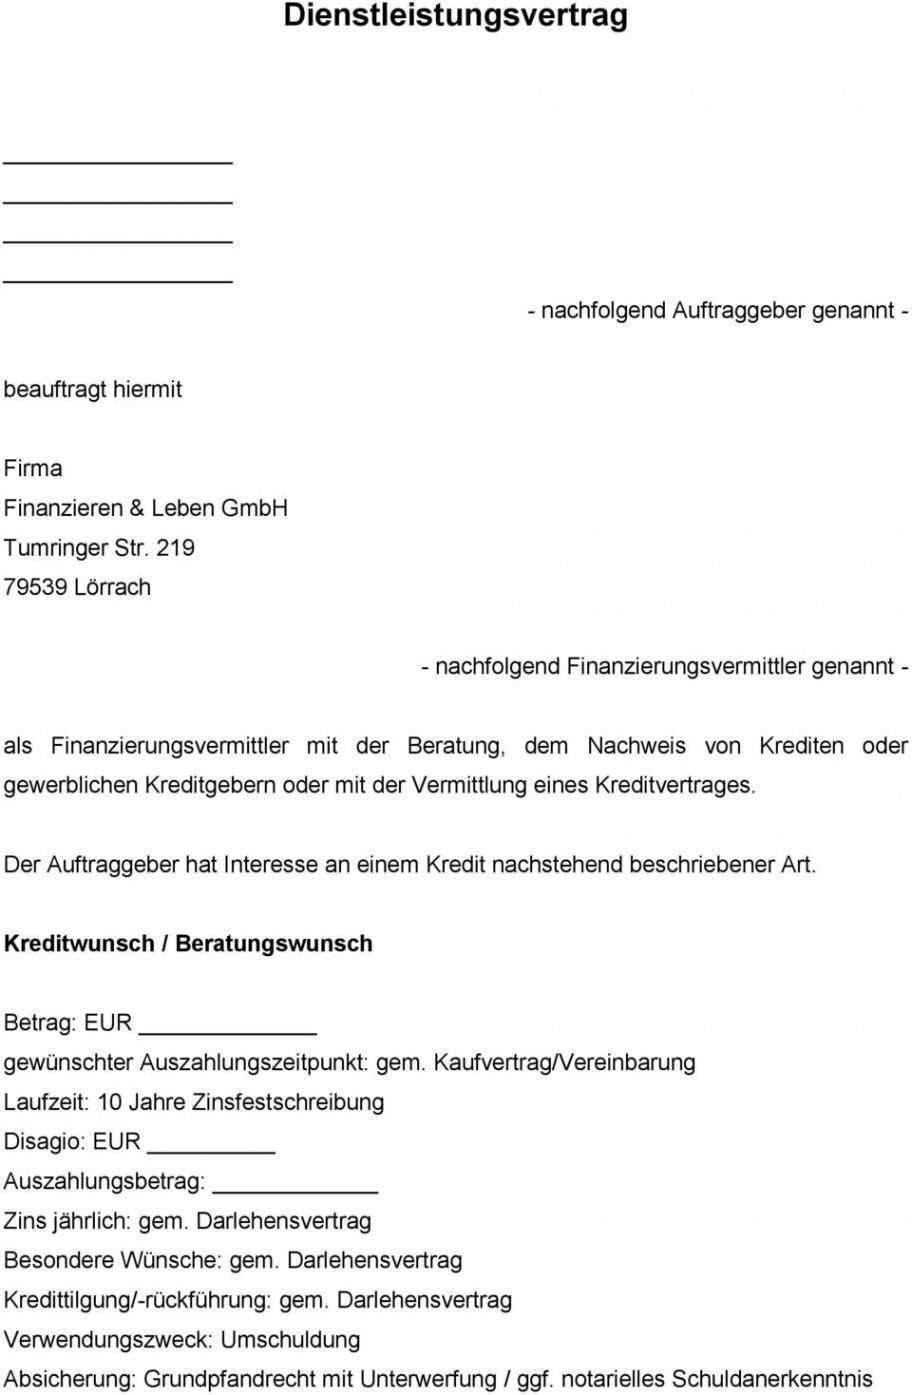 Scrollen Unsere Druckbar Von Vermittlungsprovision Rechnung Vorlage In 2020 Rechnung Vorlage Rechnungsvorlage Vorlagen